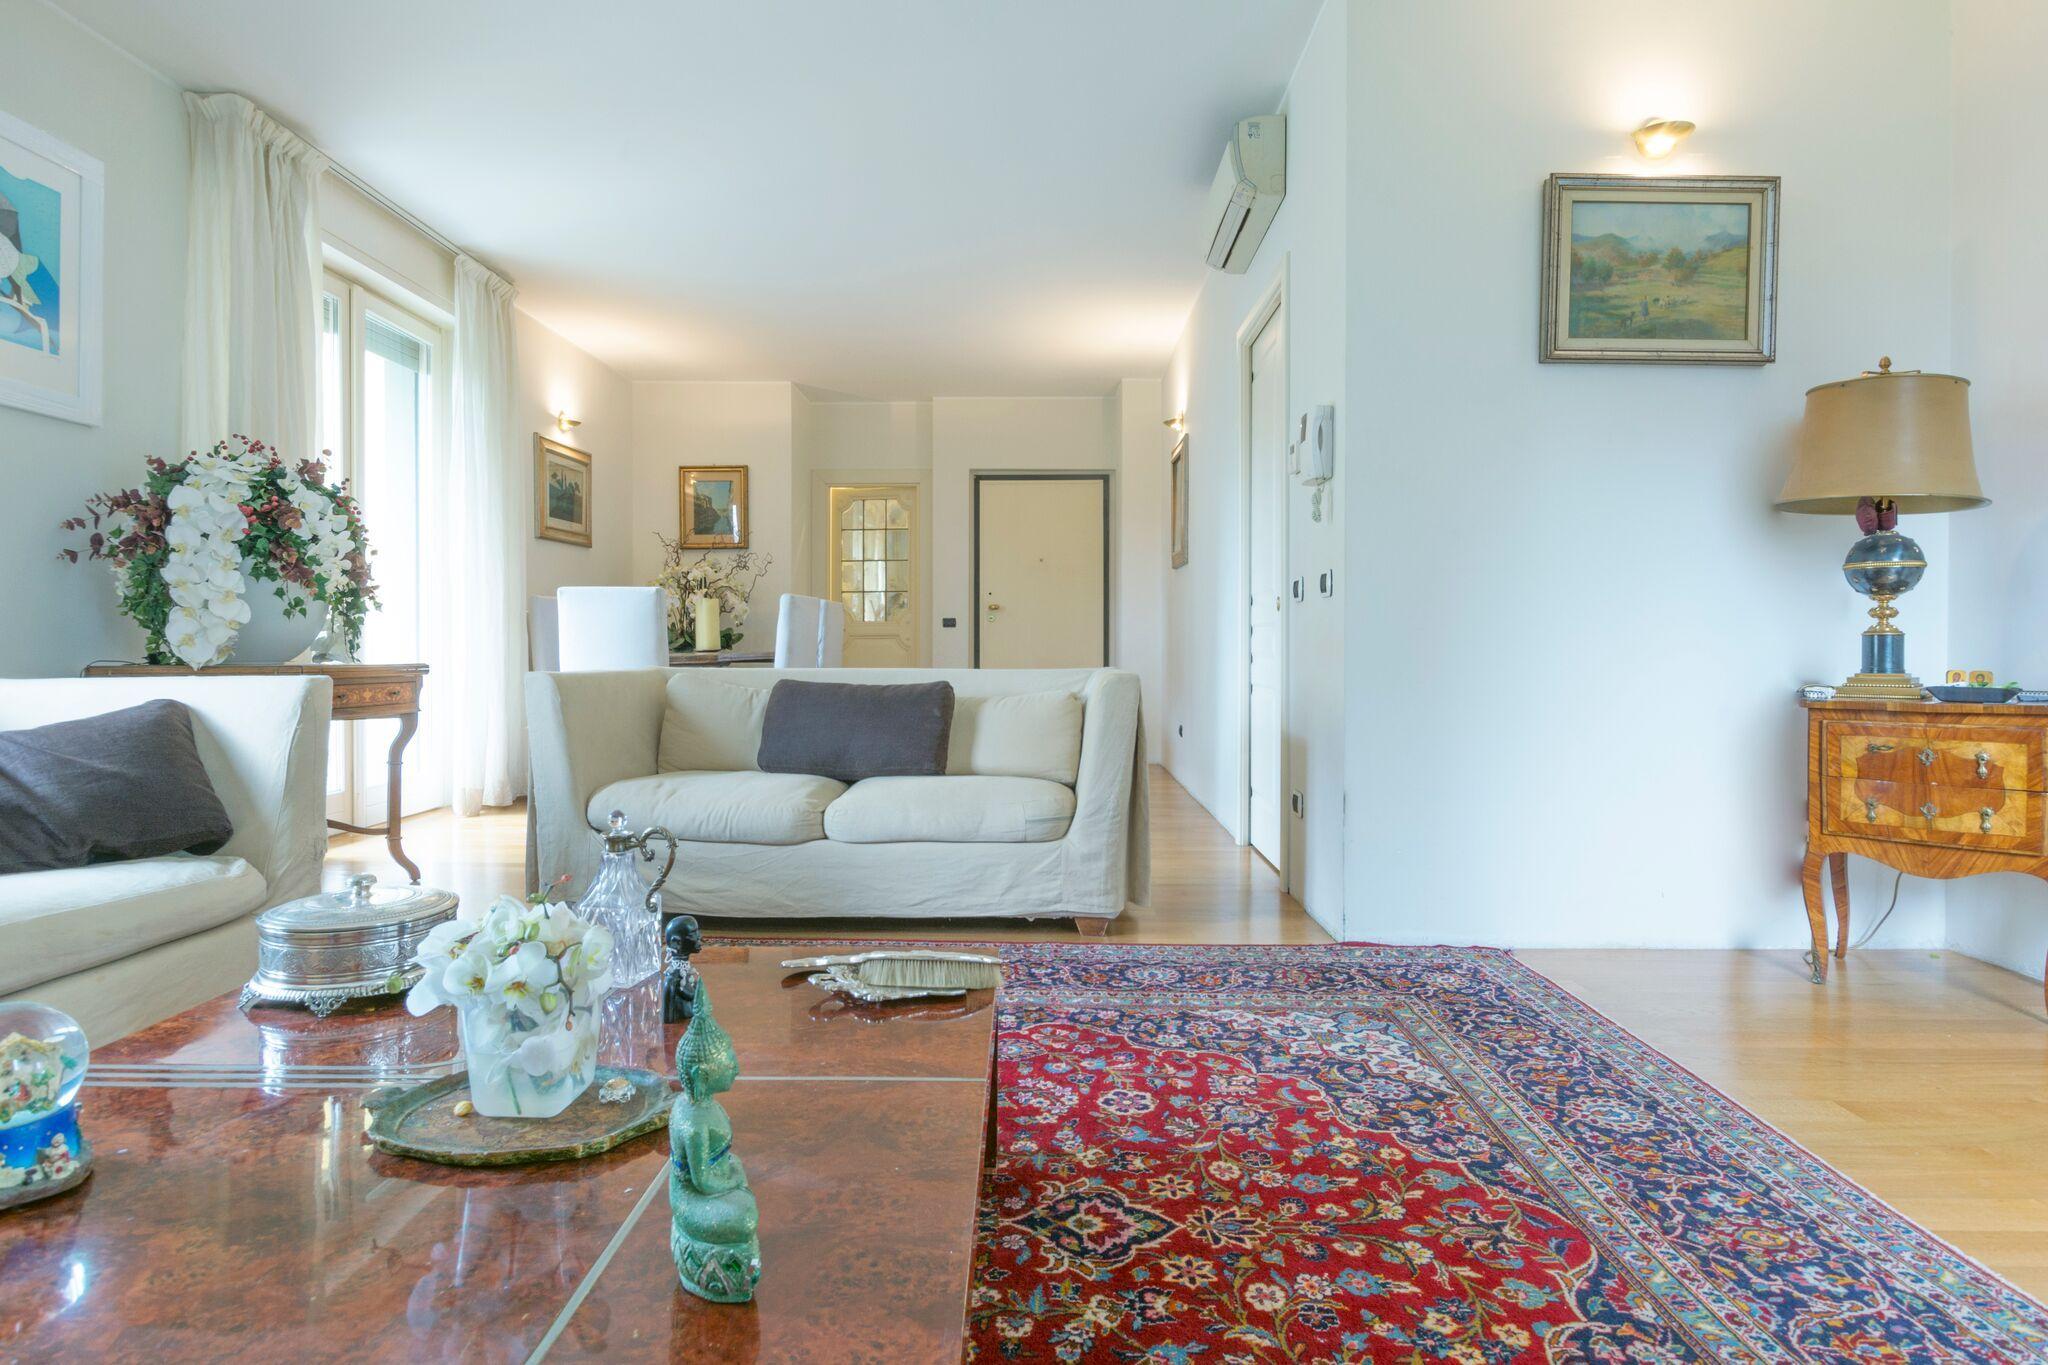 Milano, Via Bartolomeo D'alviano Case in vendita, Milano